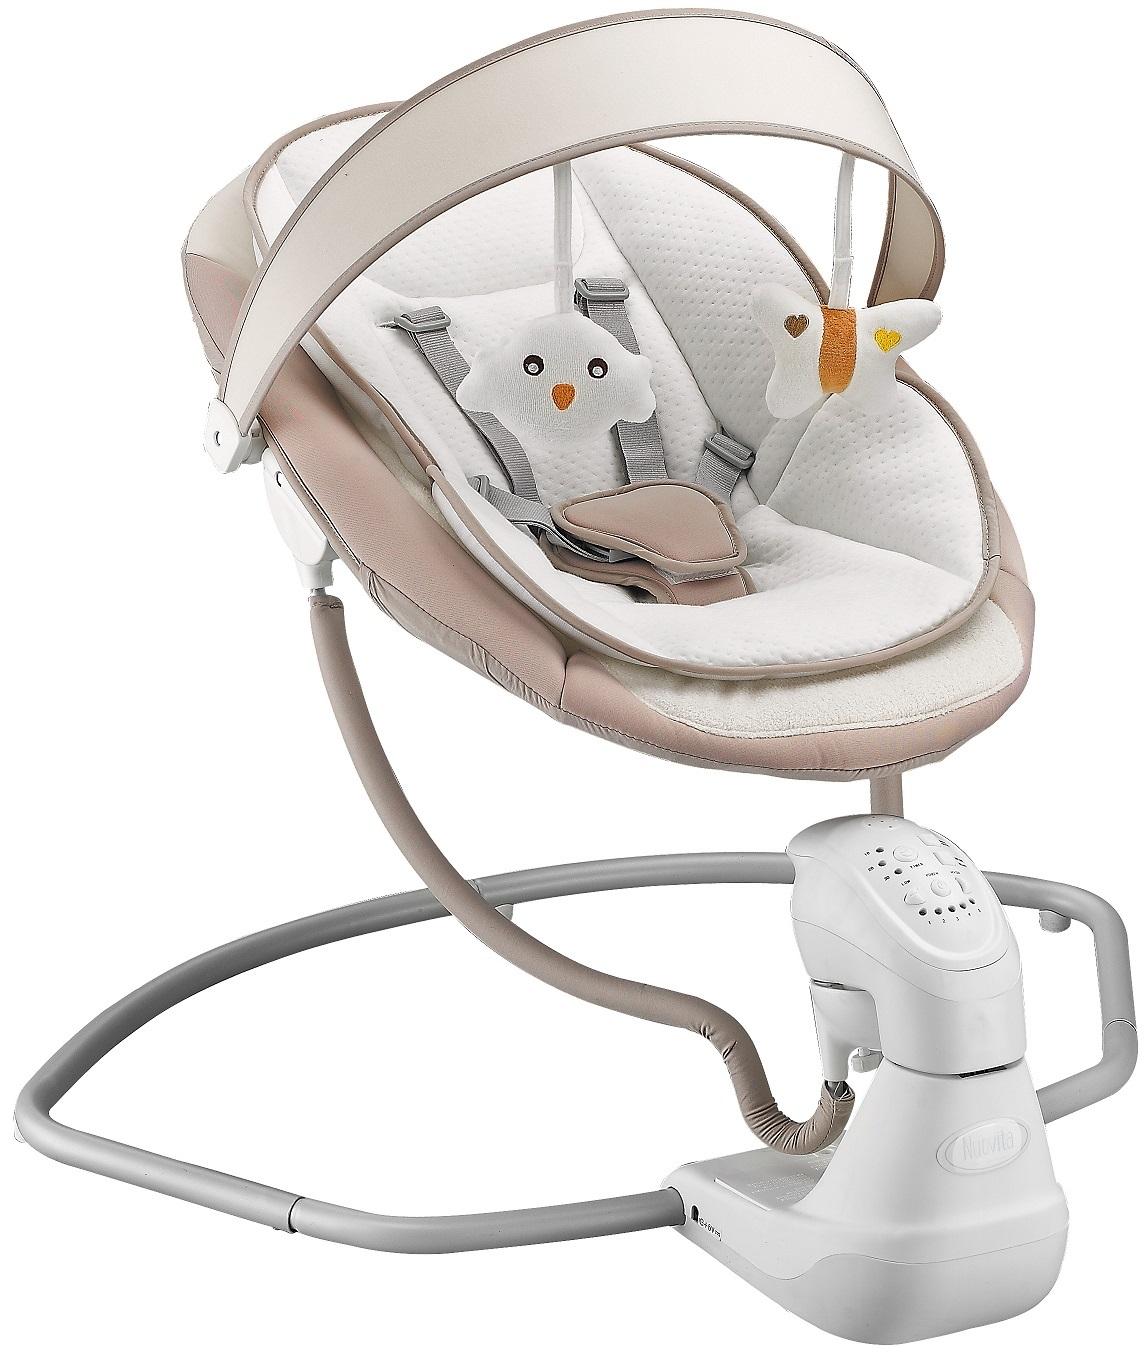 Лучшие электрокачели для новорожденных: рейтинг, отзывы